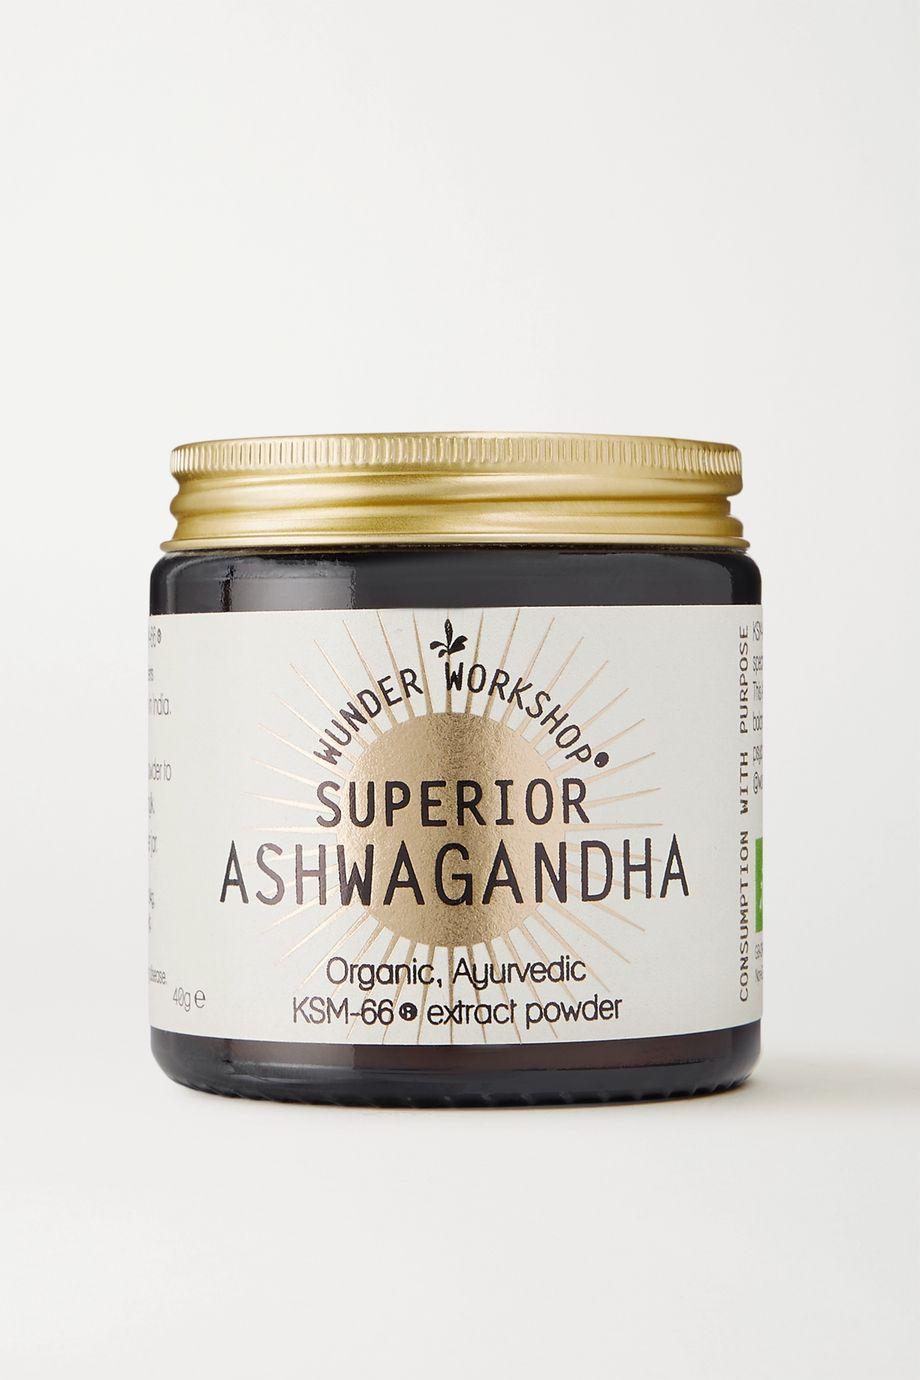 Wunder Workshop Superior Ashwagandha, 40g